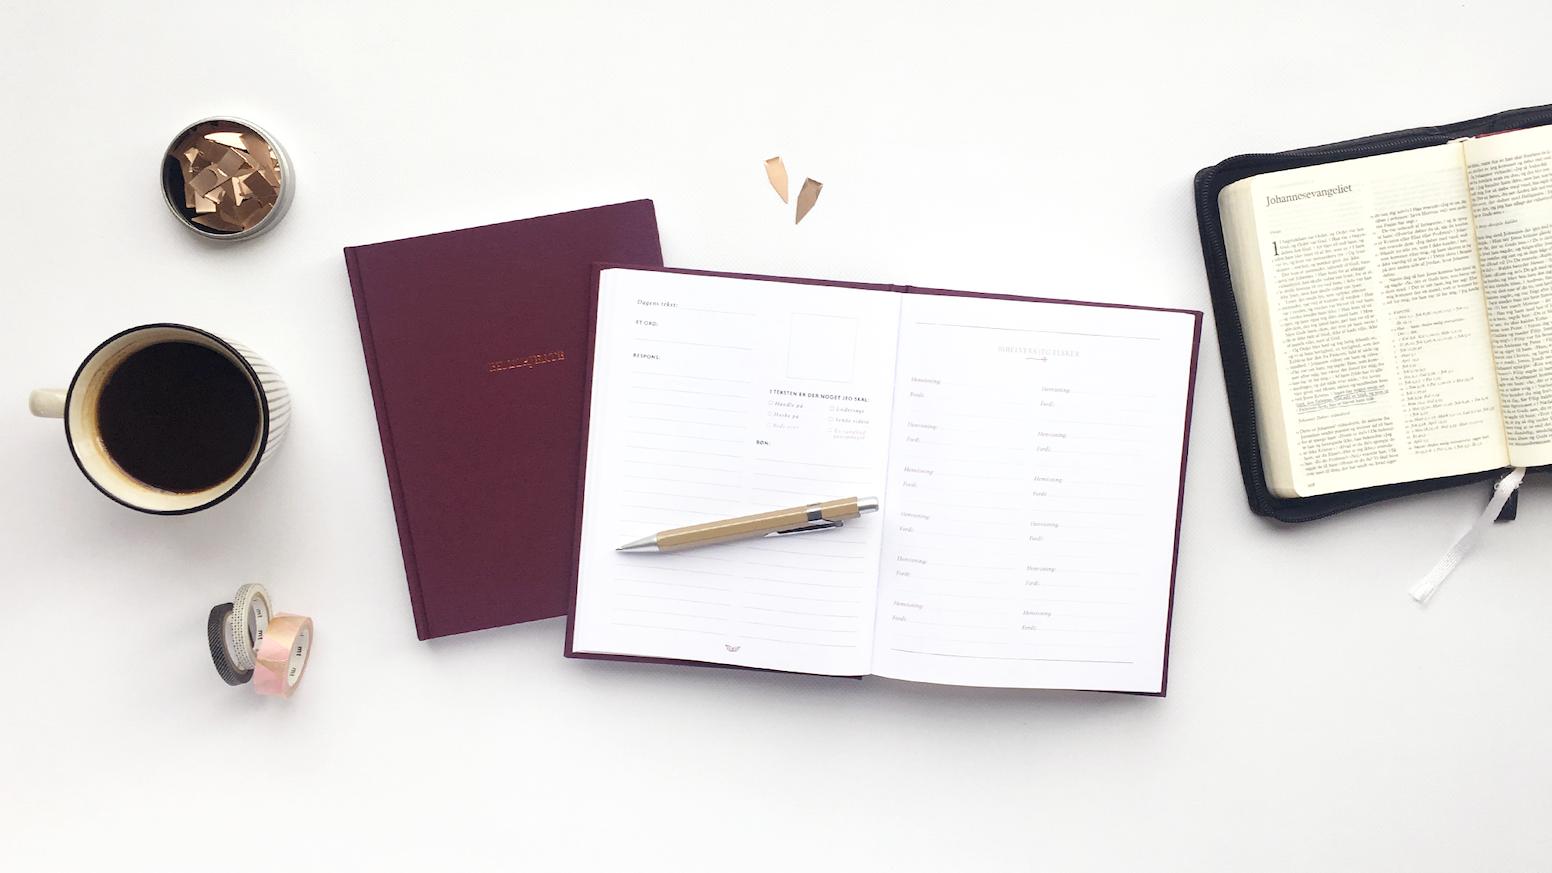 BIBELHJERTE - en notesbog med inspiration til bibellæsning. Reager på og interager med Bibelen, -på en umiddelbar og kreativ måde.